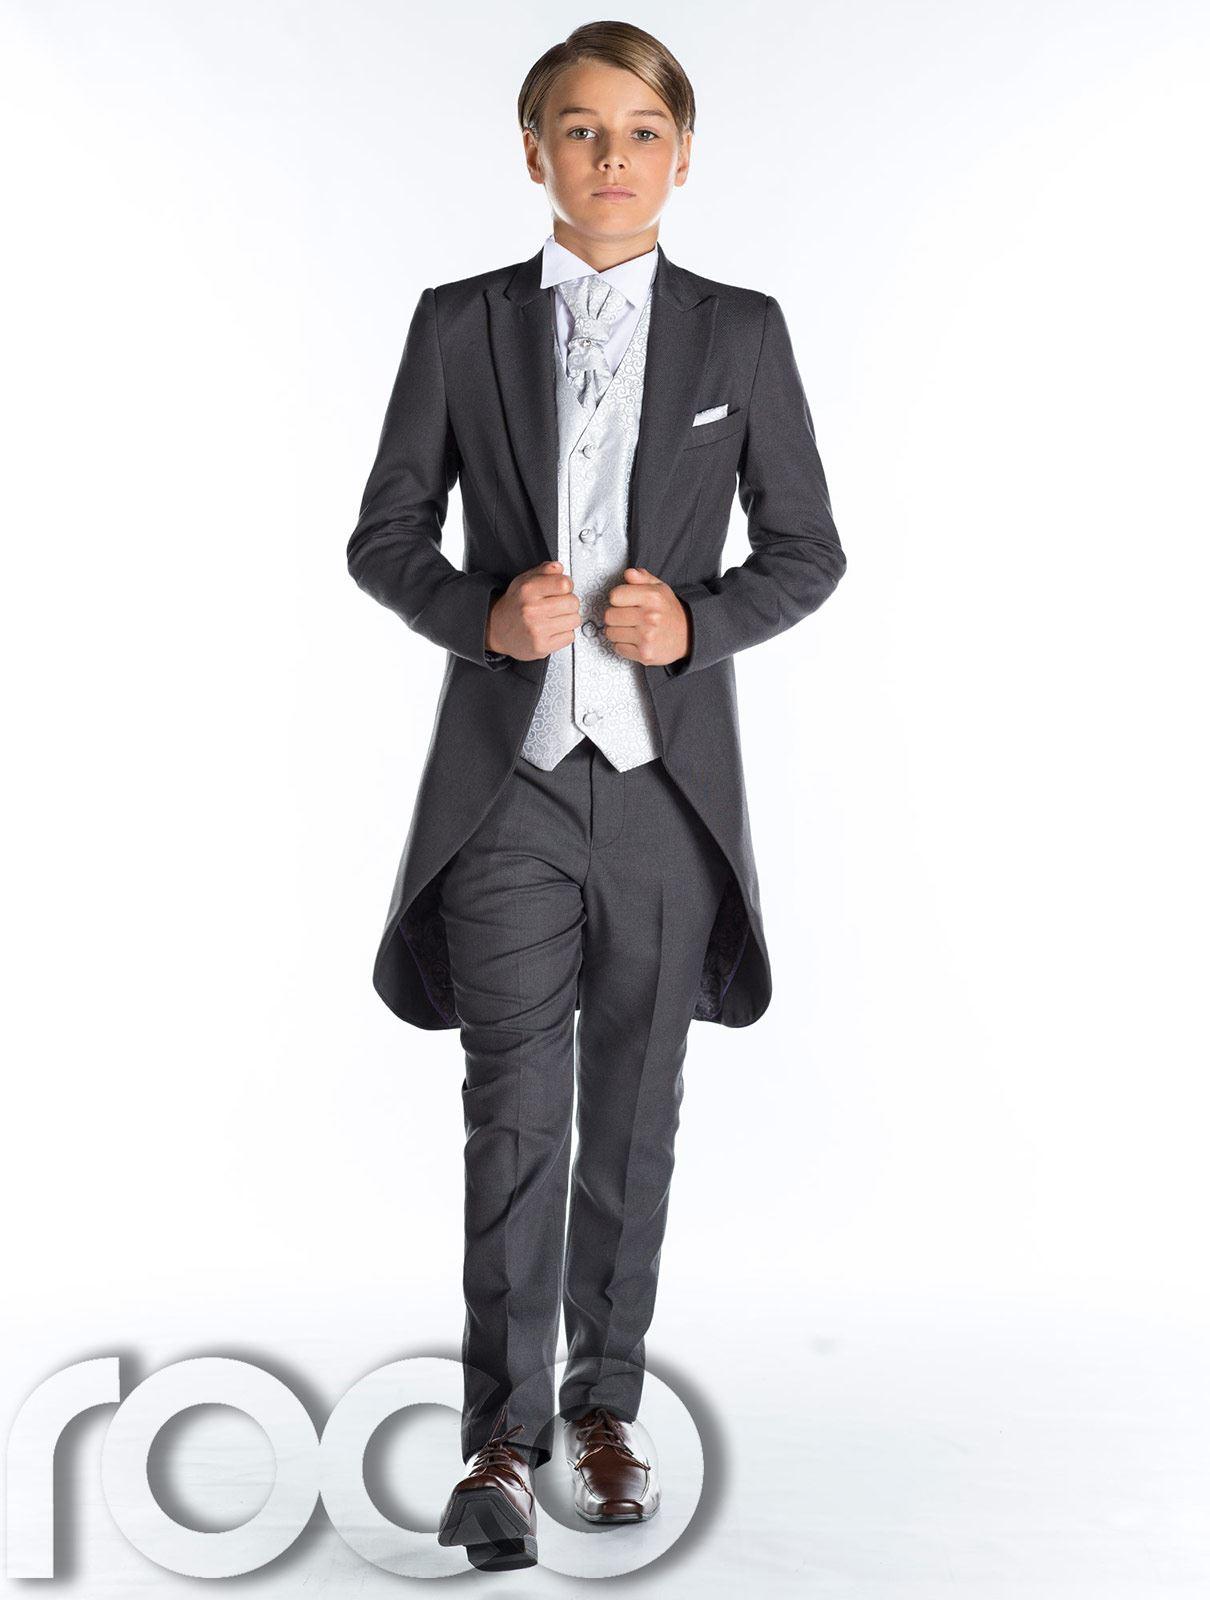 Grau frack anzug jungen hochzeit outfits prom anzug for Festliche kindermode hochzeit jungen